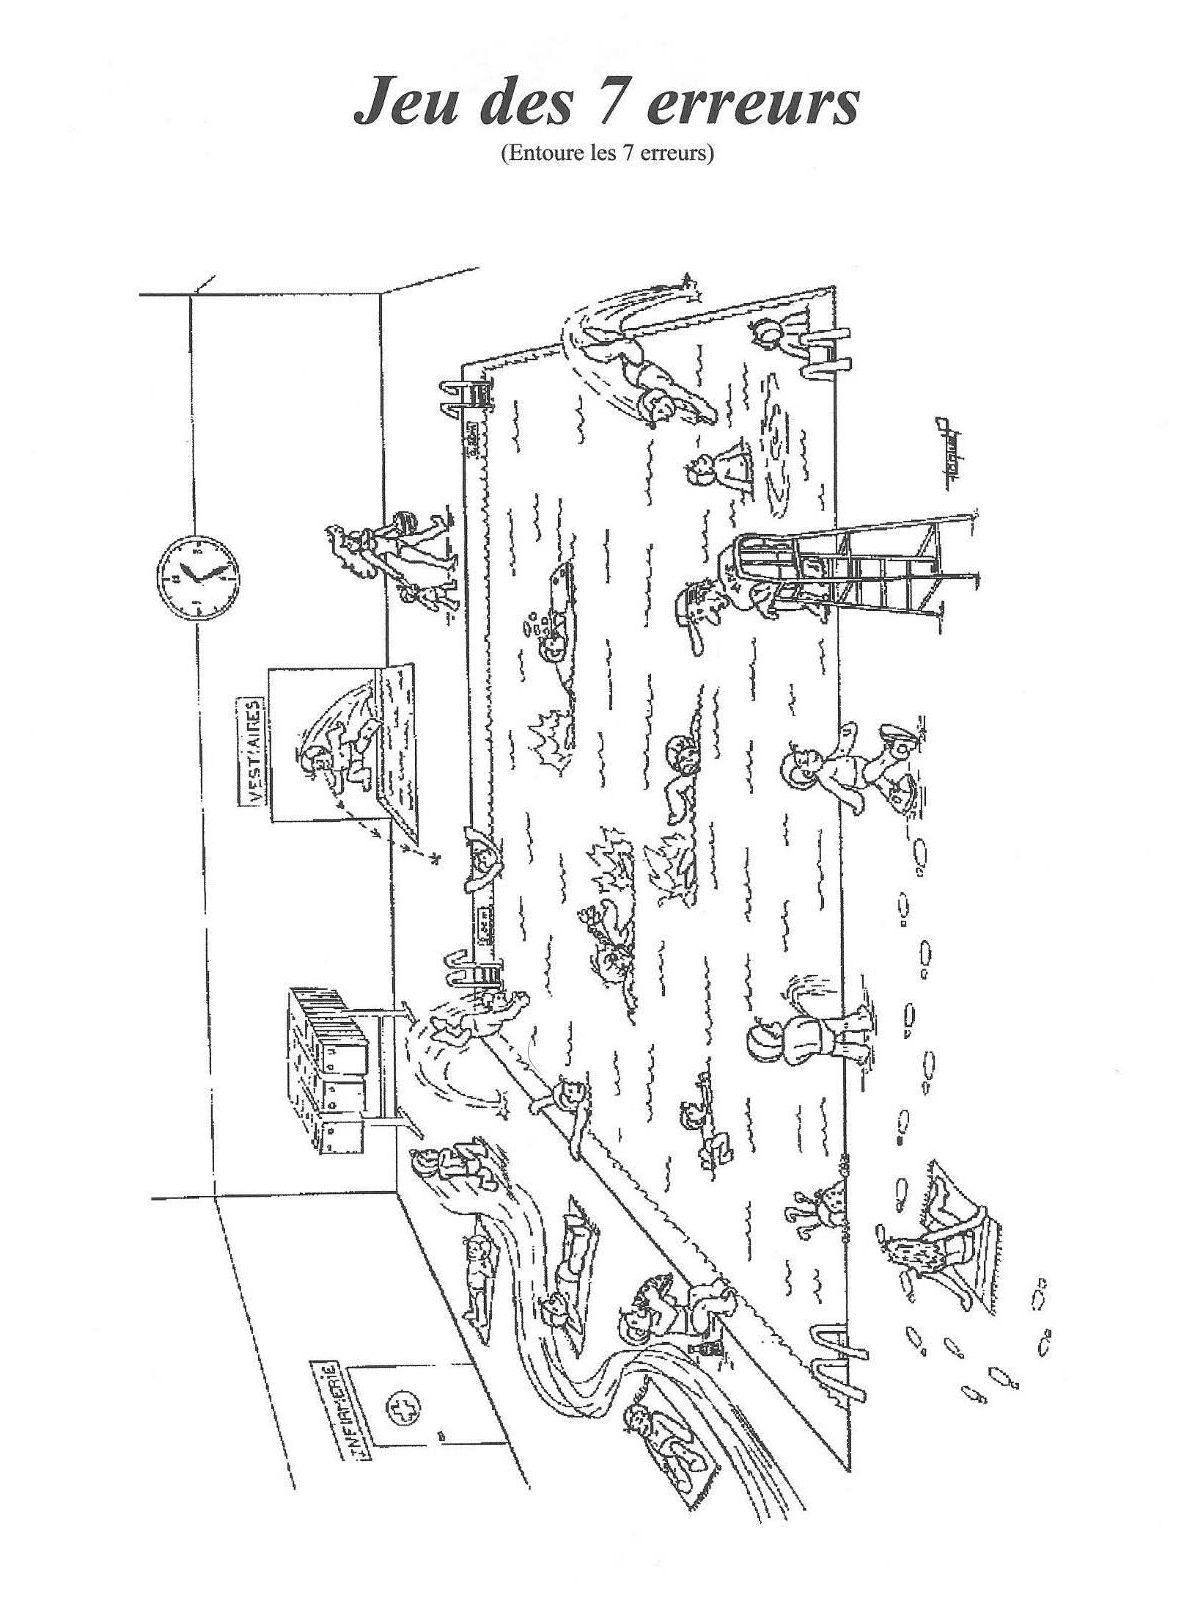 jeu des 7 erreurs piscine jeux des 7 erreurs 7. Black Bedroom Furniture Sets. Home Design Ideas